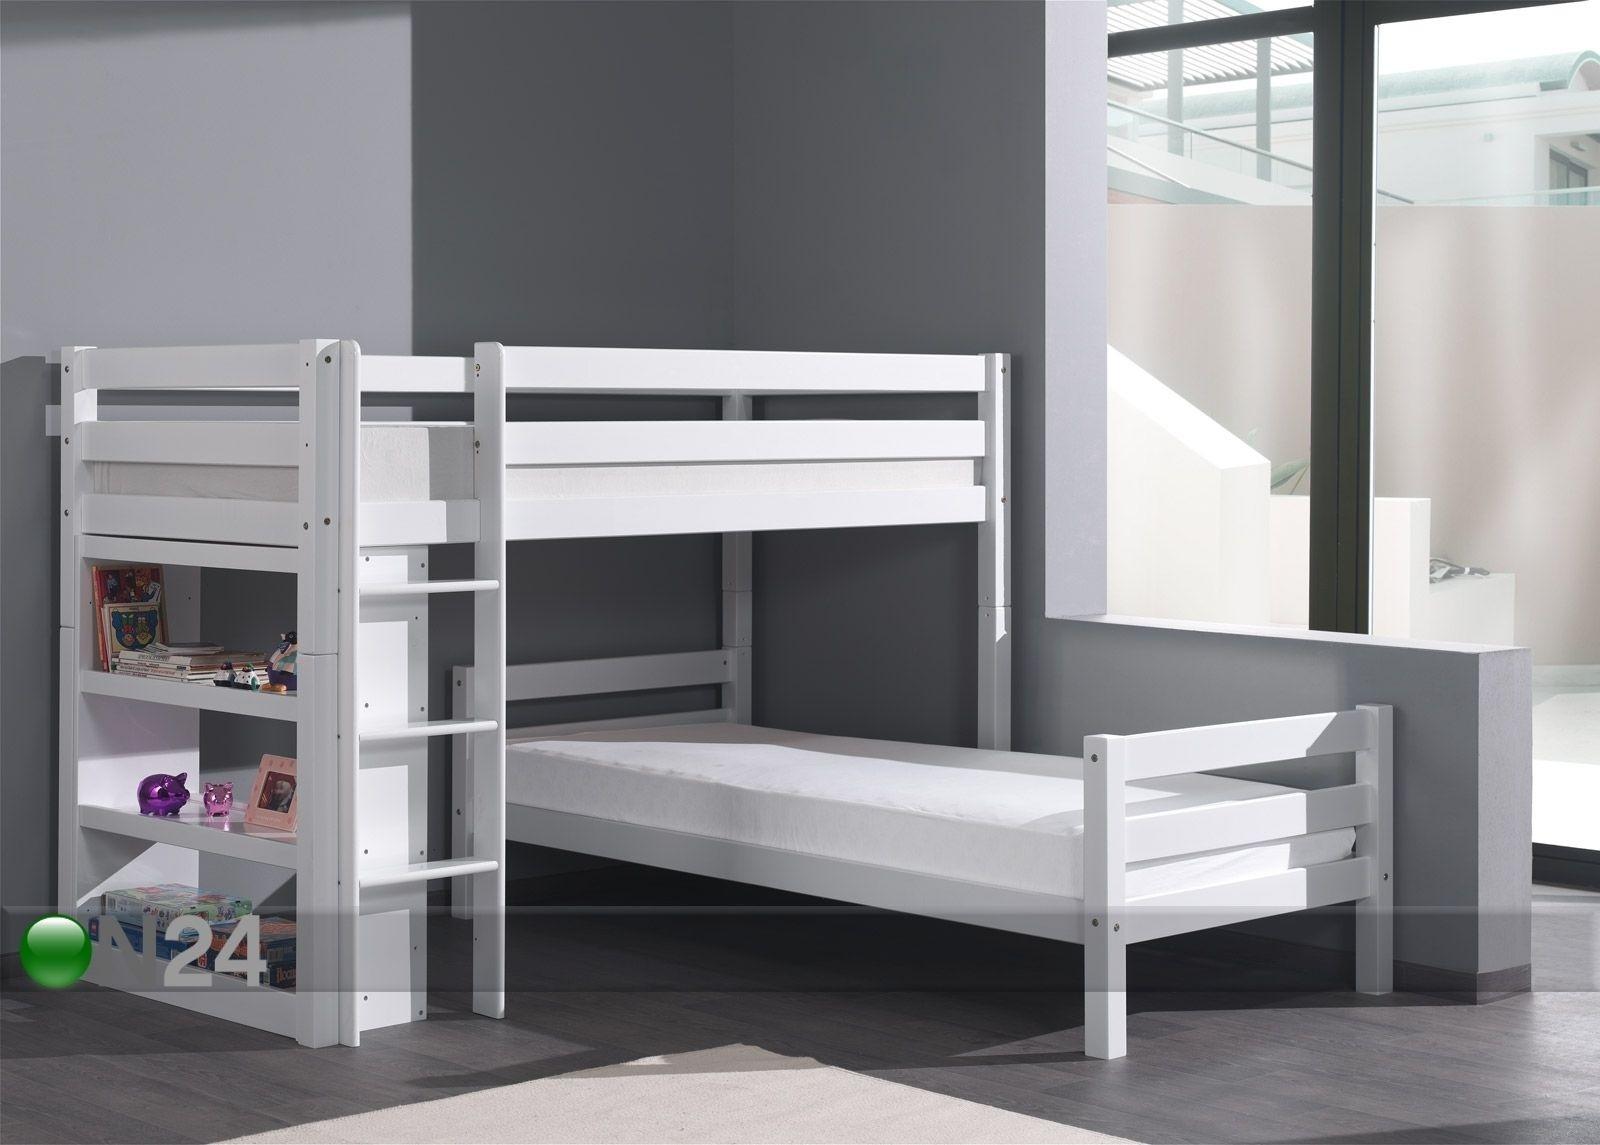 Corner Loft Bunk Beds Ideas On Foter